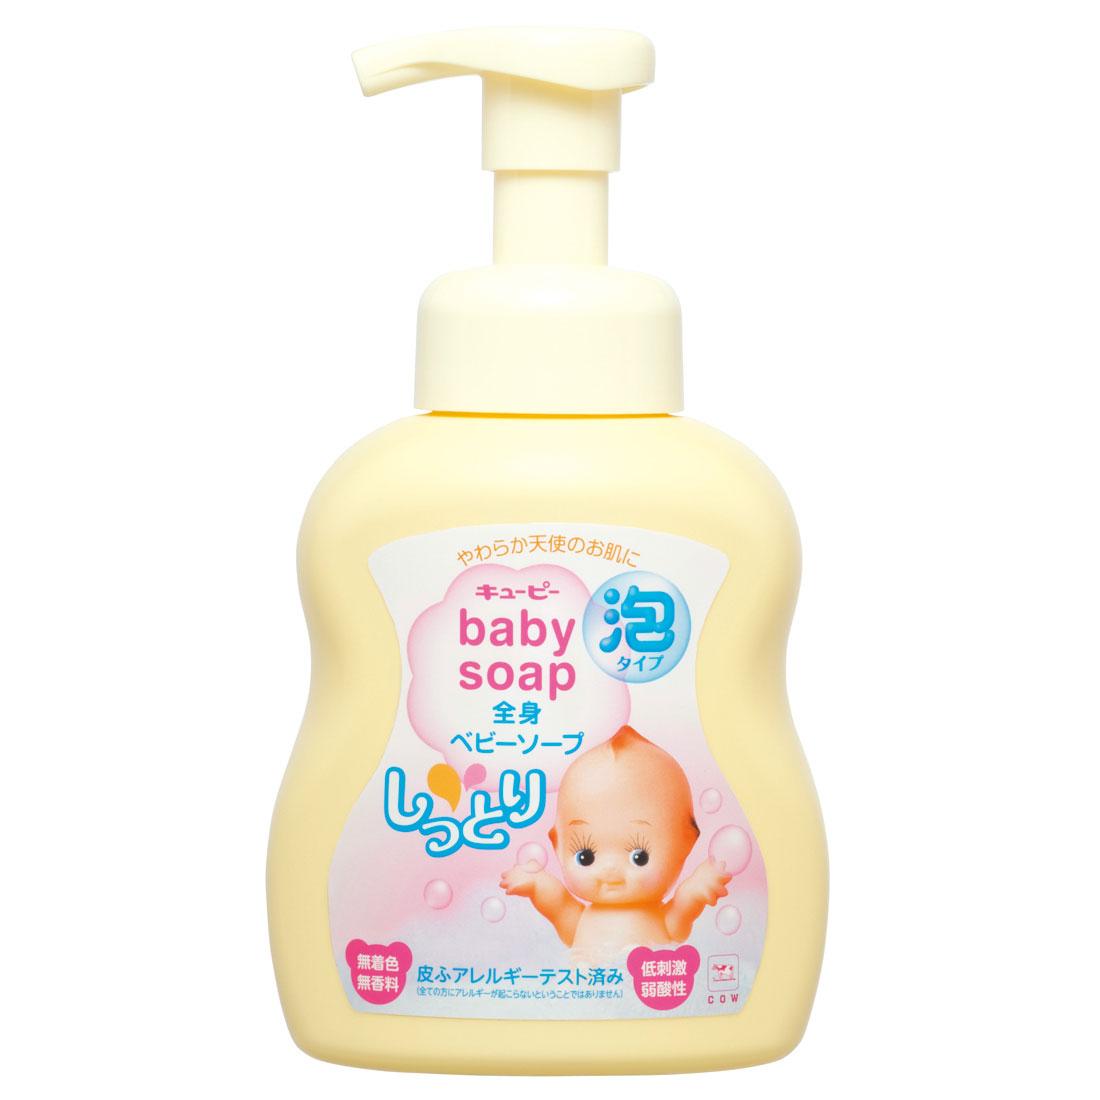 Увлажняющее жидкое мыло-пена для малыша Cow, 400 мл. Q-18-061Q-18-061Увлажняющее жидкое мыло-пена Cow разработано для ежедневного мытья тела и волос малыша. Моющая основа из компонентов аминокислотного происхождения мягко удаляет загрязнения, не смывая естественный жировой слой кожи. Содержит природный сквалан, который защищает кожу, и вытяжку из солодки для мягкого увлажнения. Мыло не содержит красителей и ароматизаторов и не раздражает кожу. Прекрасно подходит взрослым с чувствительной кожей.